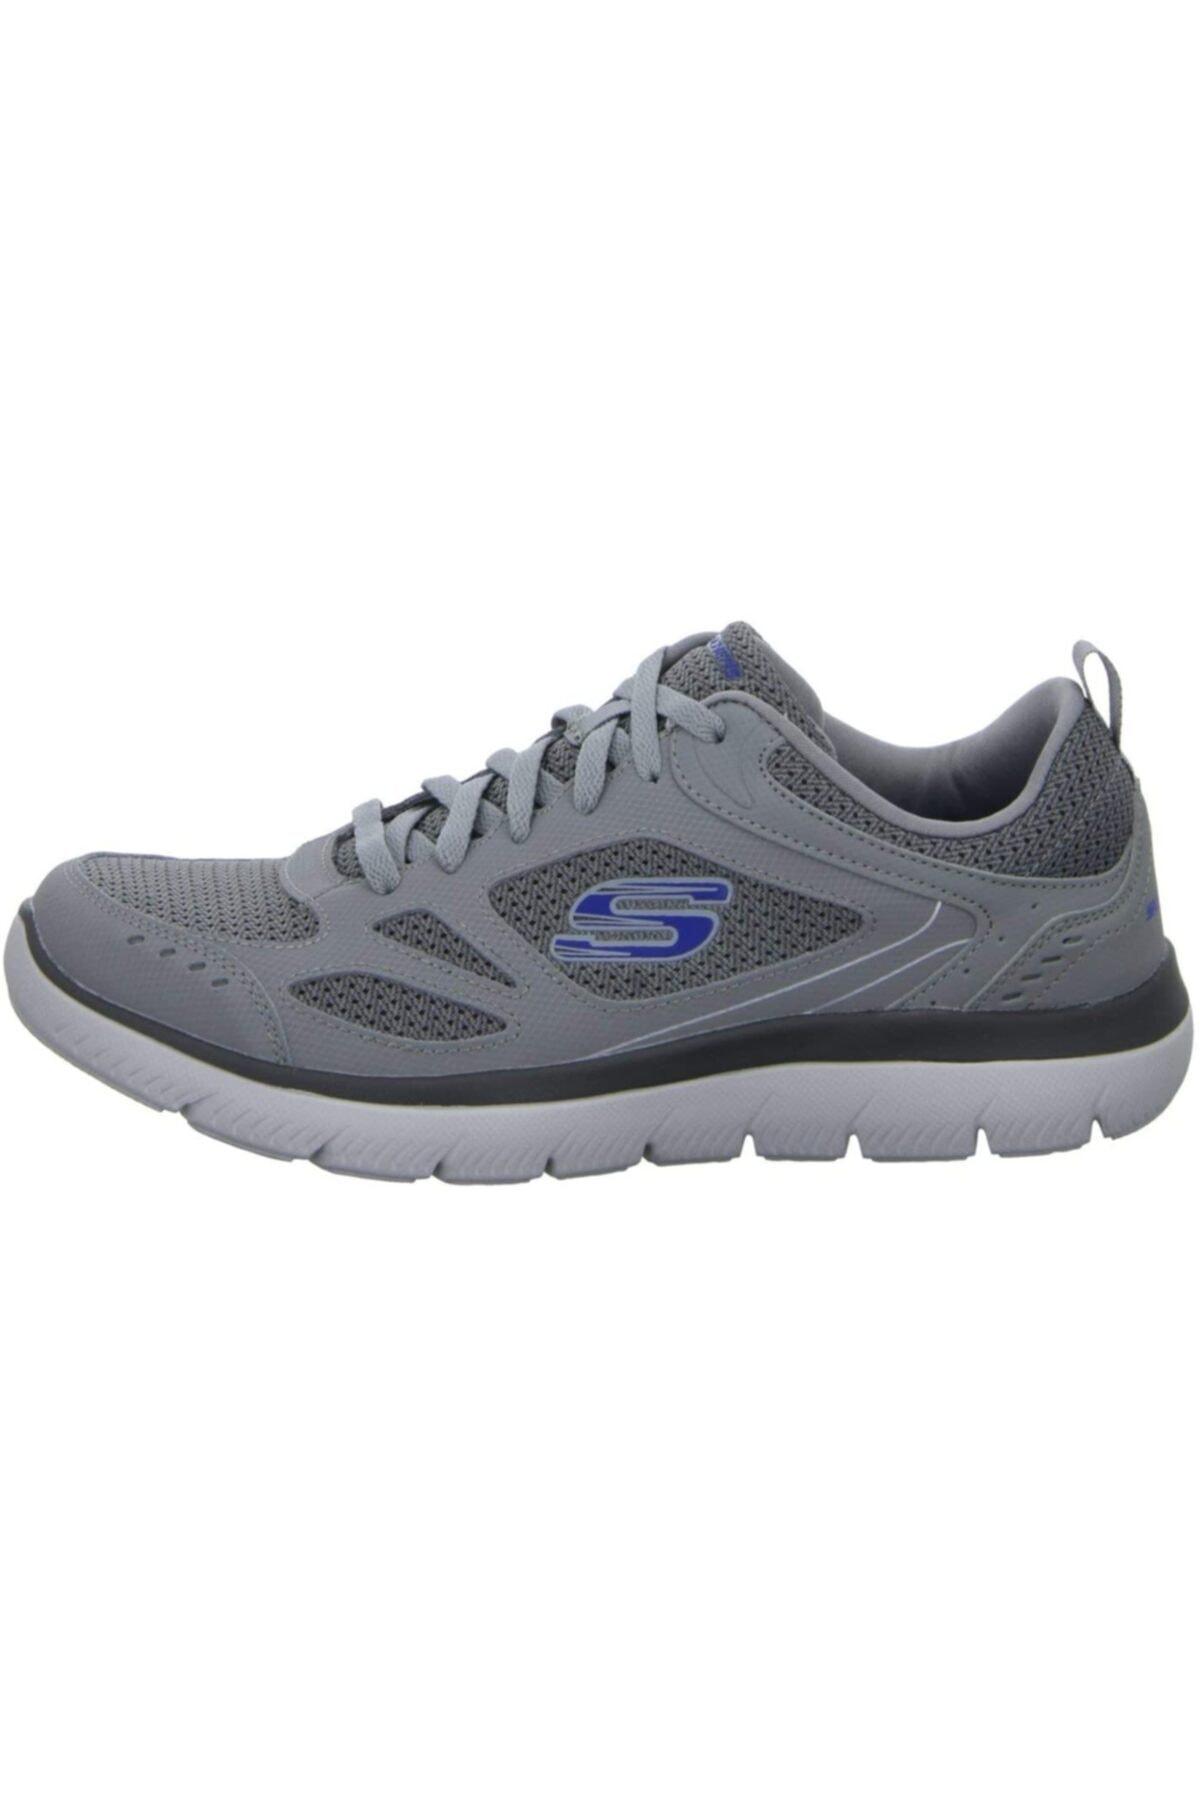 Erkek Ayakkabı 52812-gry